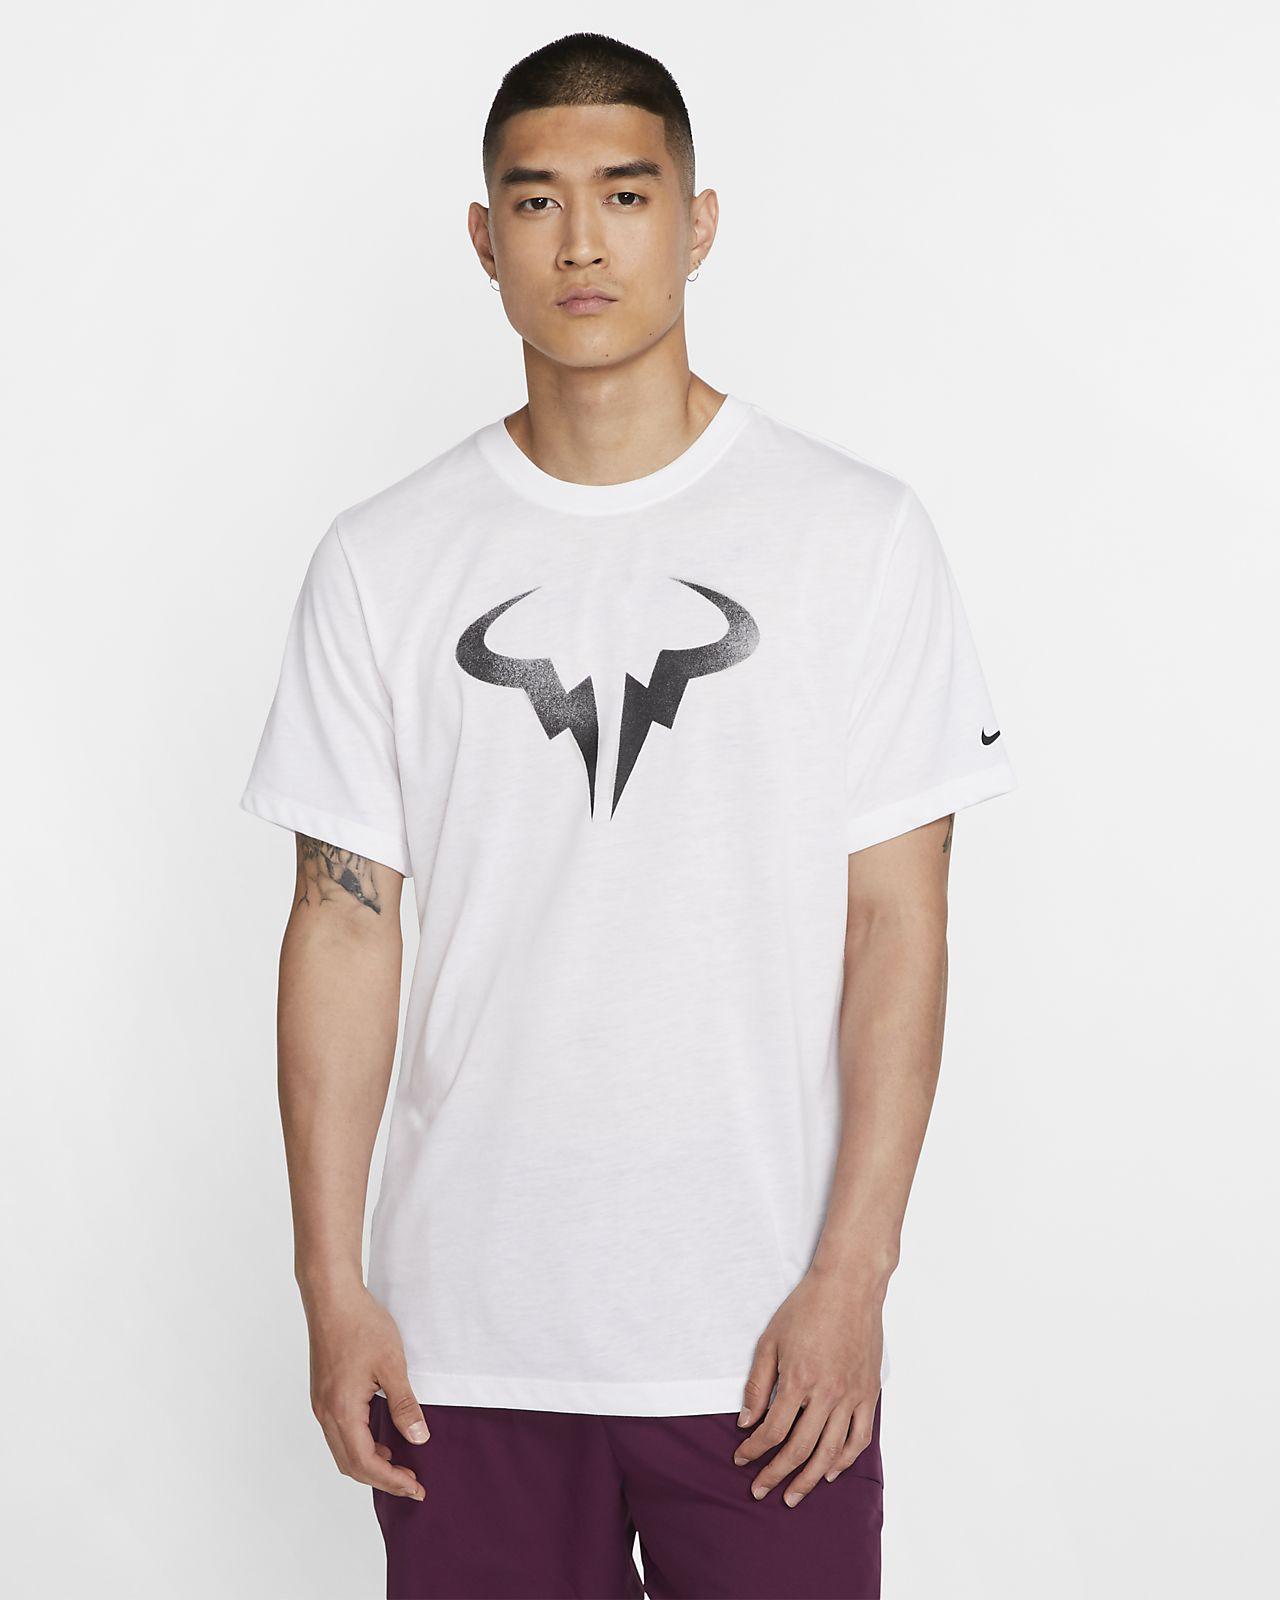 ナイキコート Dri-FIT ラファ メンズ グラフィック テニス Tシャツ